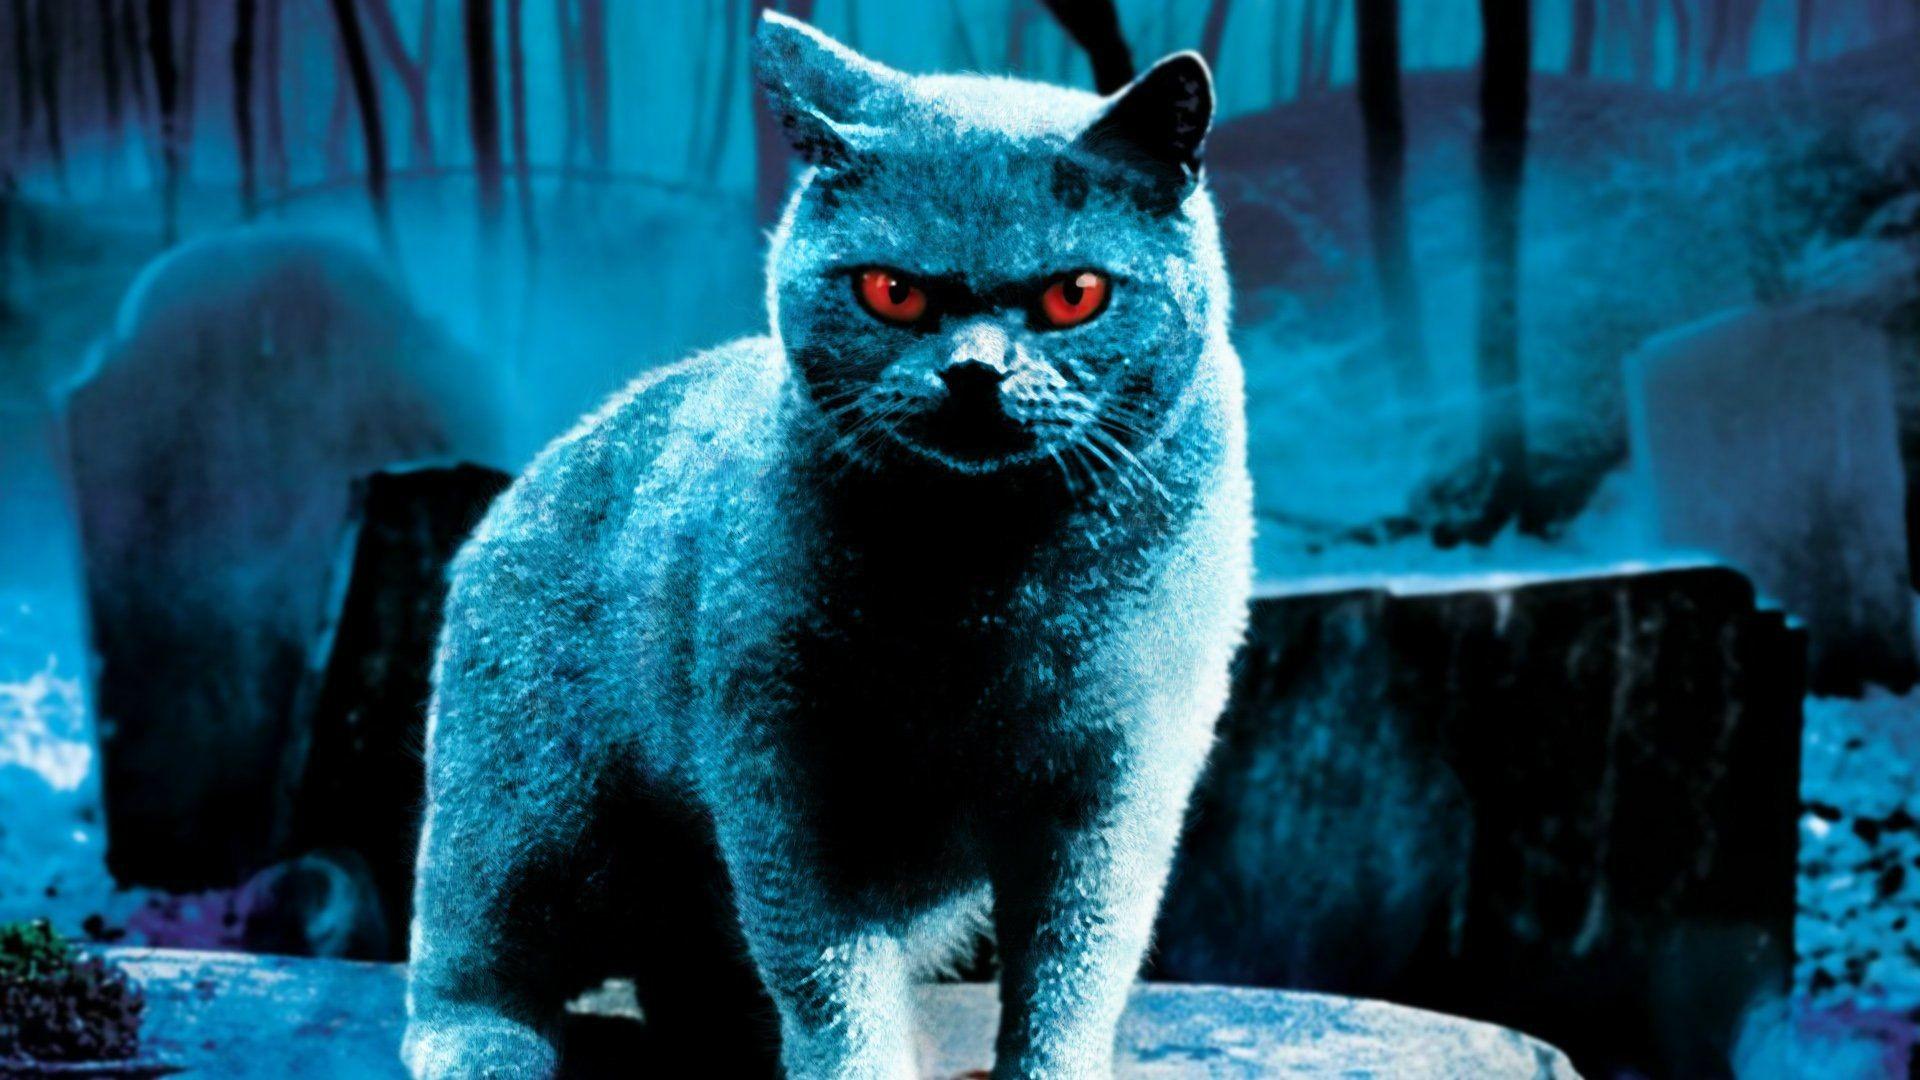 … Horror Cat Hd Wallpaper. Download